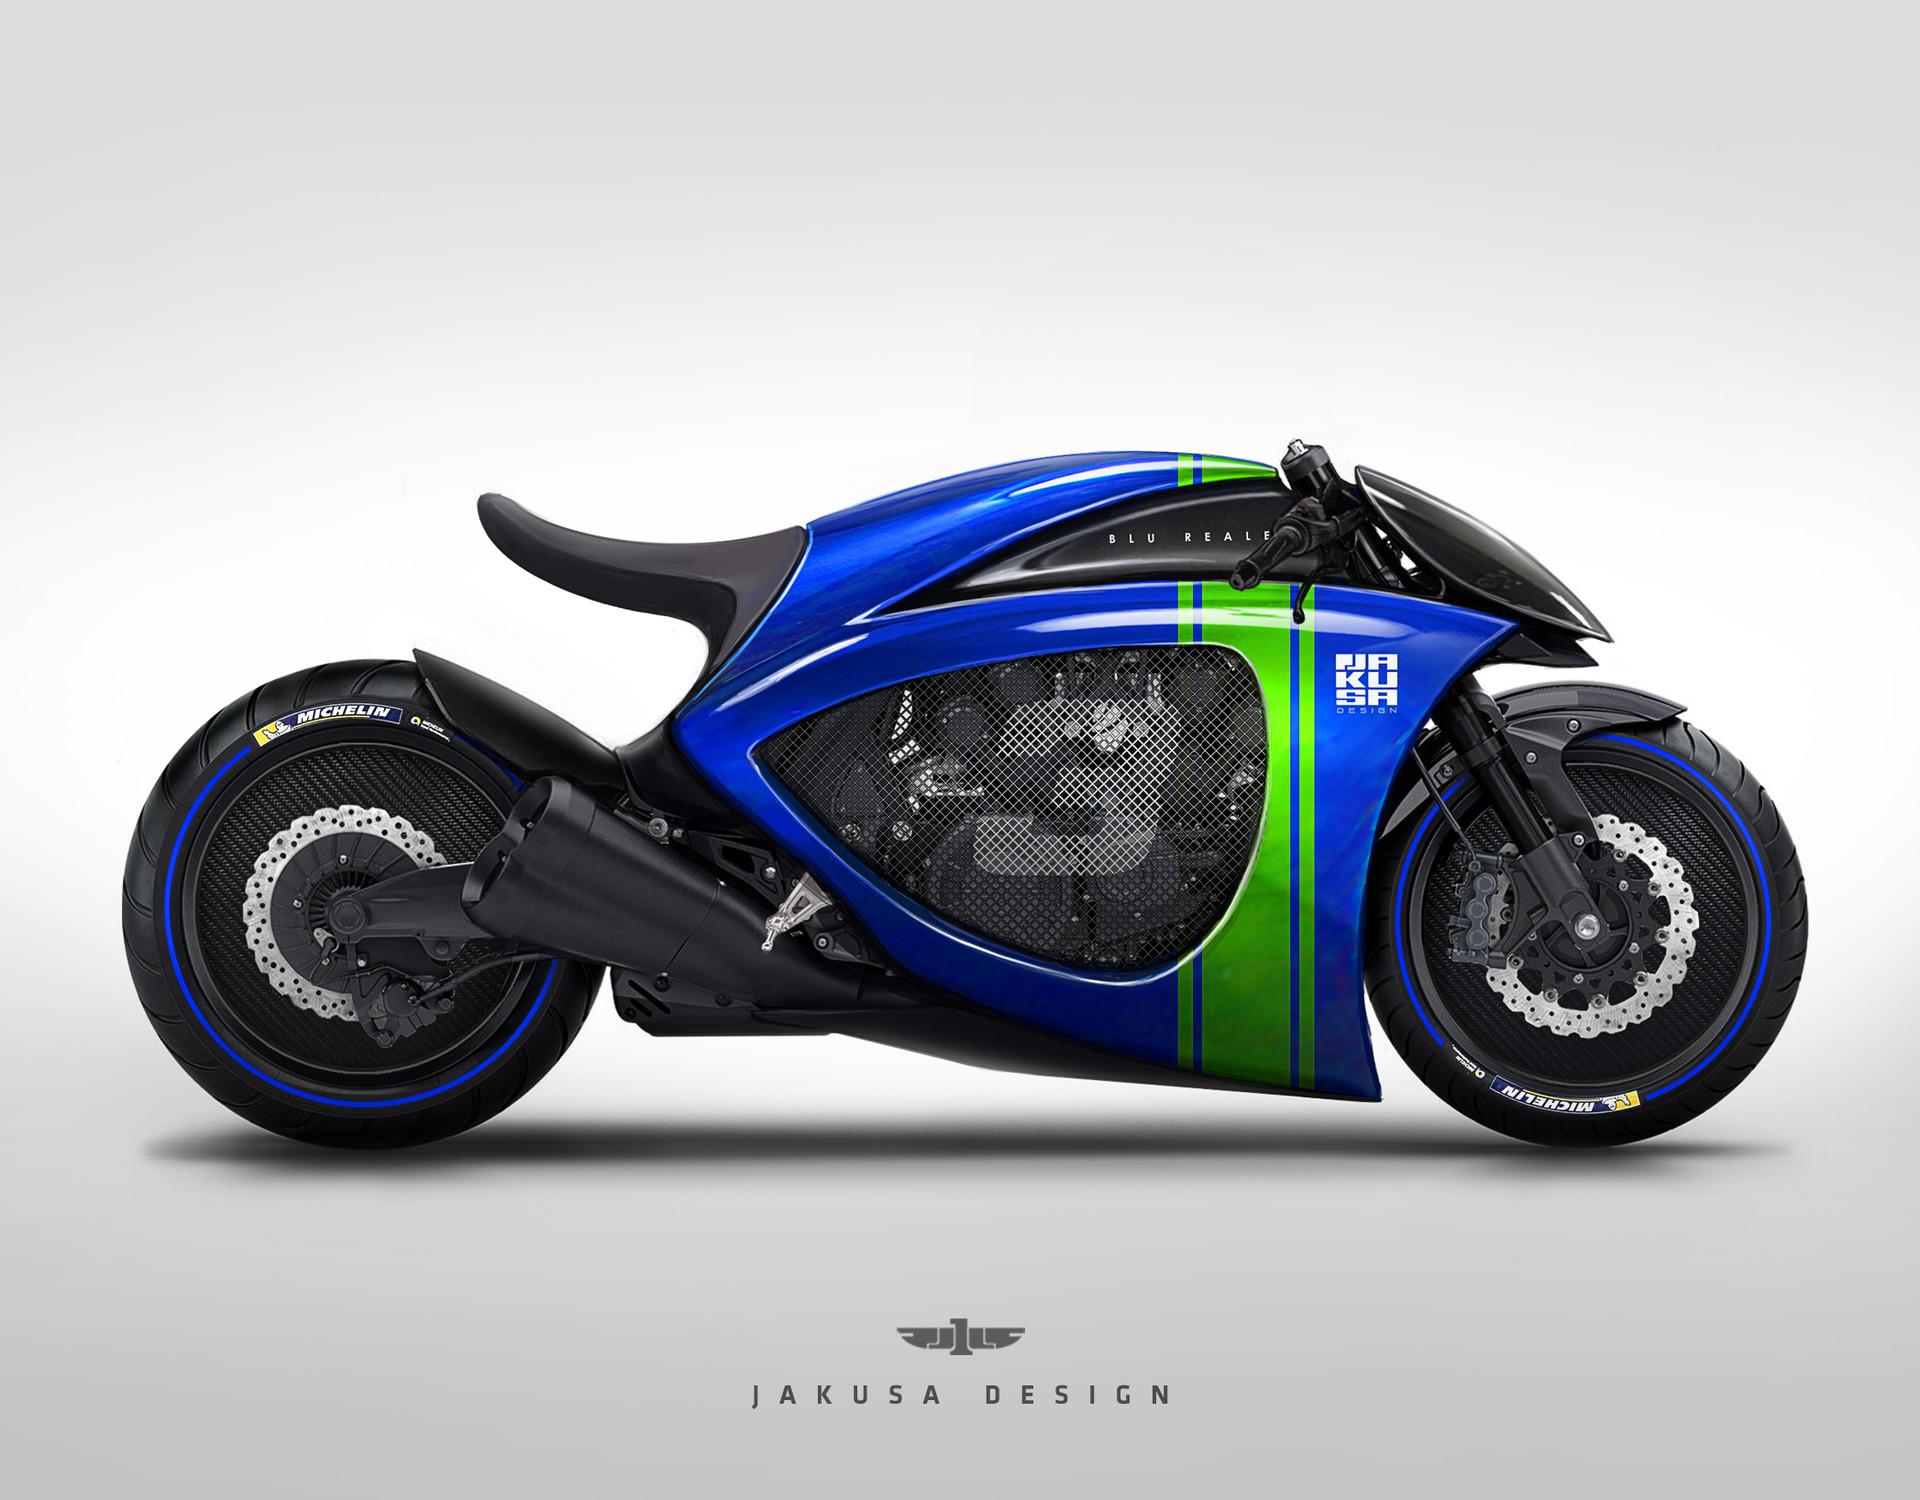 New Model Cars 2019 >> JAKUSA DESIGN - Blue Reale